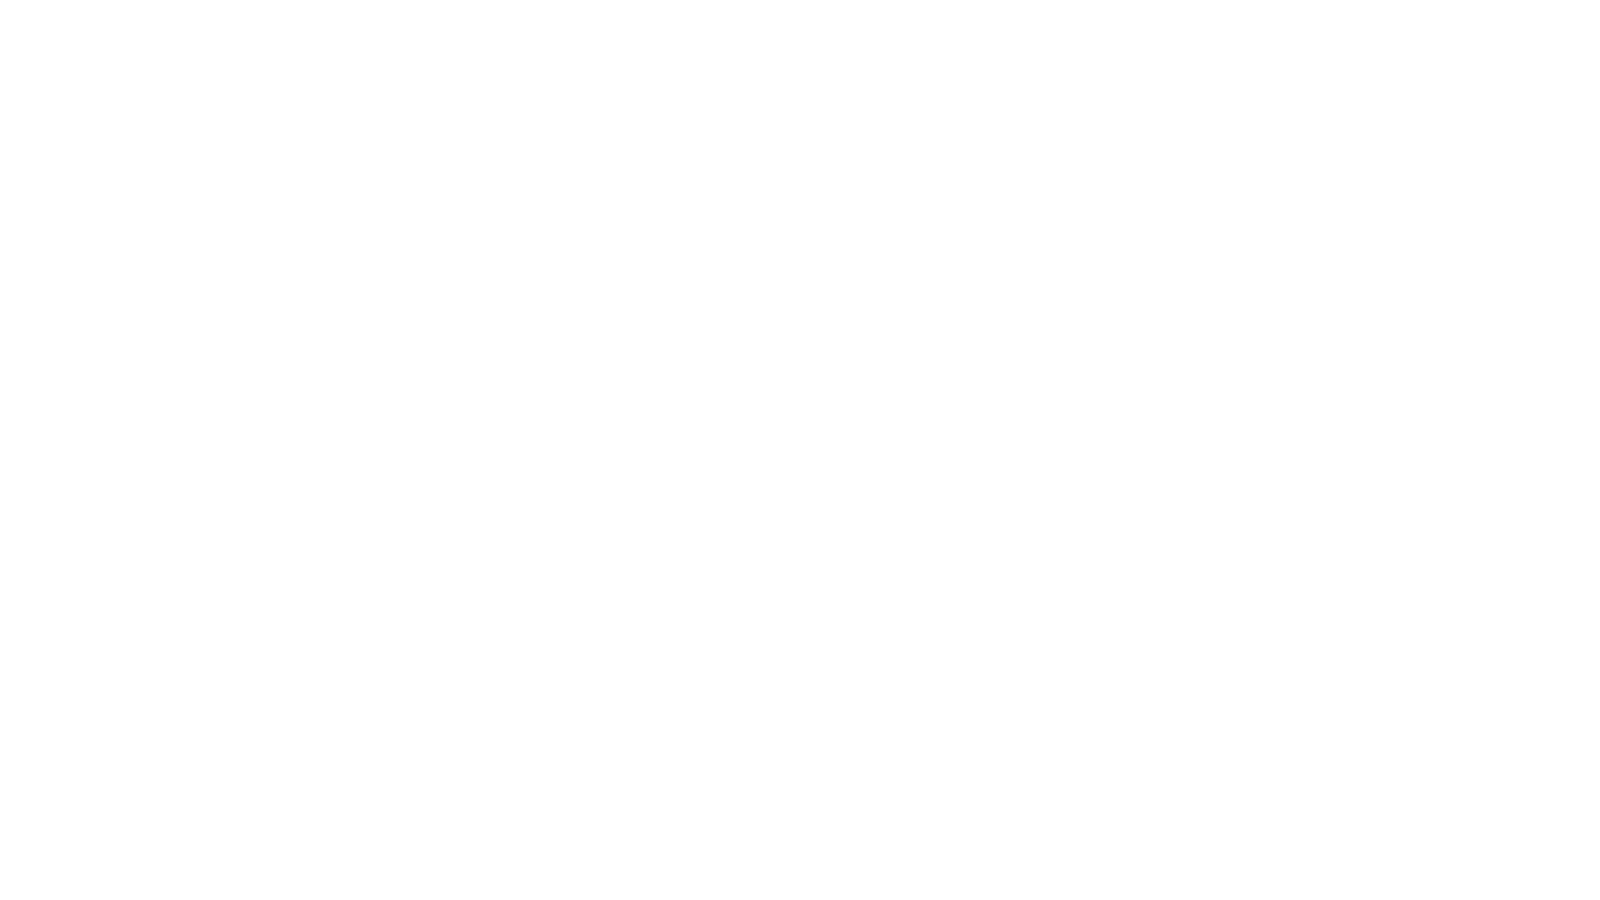 """Am 21.03. war der Internationale Tag gegen Rassismus ❌, vor dessen Hintergrund nun die Internationalen Wochen gegen Rassismus in Heidelberg stattfinden.  Als Fraktion DIE LINKE werden wir am Donnerstag, den 25. März, um 19 Uhr mit dem Migrationsbeirat, den Kritischen Jurist*innen und Antirassismus-Aktivist*innen eine Diskussion 🗯 zu """"Racial Profiling – Wenn du wegen deiner Hautfarbe kontrolliert wirst"""" führen. 🔍  Unter Racial Profiling versteht man Polizeikontrollen, bei der gezielt Menschen mit nicht-deutschem Aussehen ausgewählt und polizeilich überprüft werden. Wenn alleine Merkmale wie ethnischer Zugehörigkeit und Aussehen als Anlass für eine Verdächtigung herhalten, dann ist das für die Betroffenen im höchsten Maße diskriminierend. Nicht umsonst wird auch von rassistischen Polizeikontrollen gesprochen. Diese Art der Kontrollen wird zudem nicht nur als rassistisch, sondern auch als ineffektiv eingestuft und verstößt nach dem Europäischen Netzwerk gegen Rassismus gegen den verfassungsrechtlichen Gleichheitsgrundsatz. Warum wird also an dieser Praxis festgehalten? 🤨  Die Moderation übernimmt unsere Bundestagskandidatin und Stadträtin Zara Kızıltaş"""